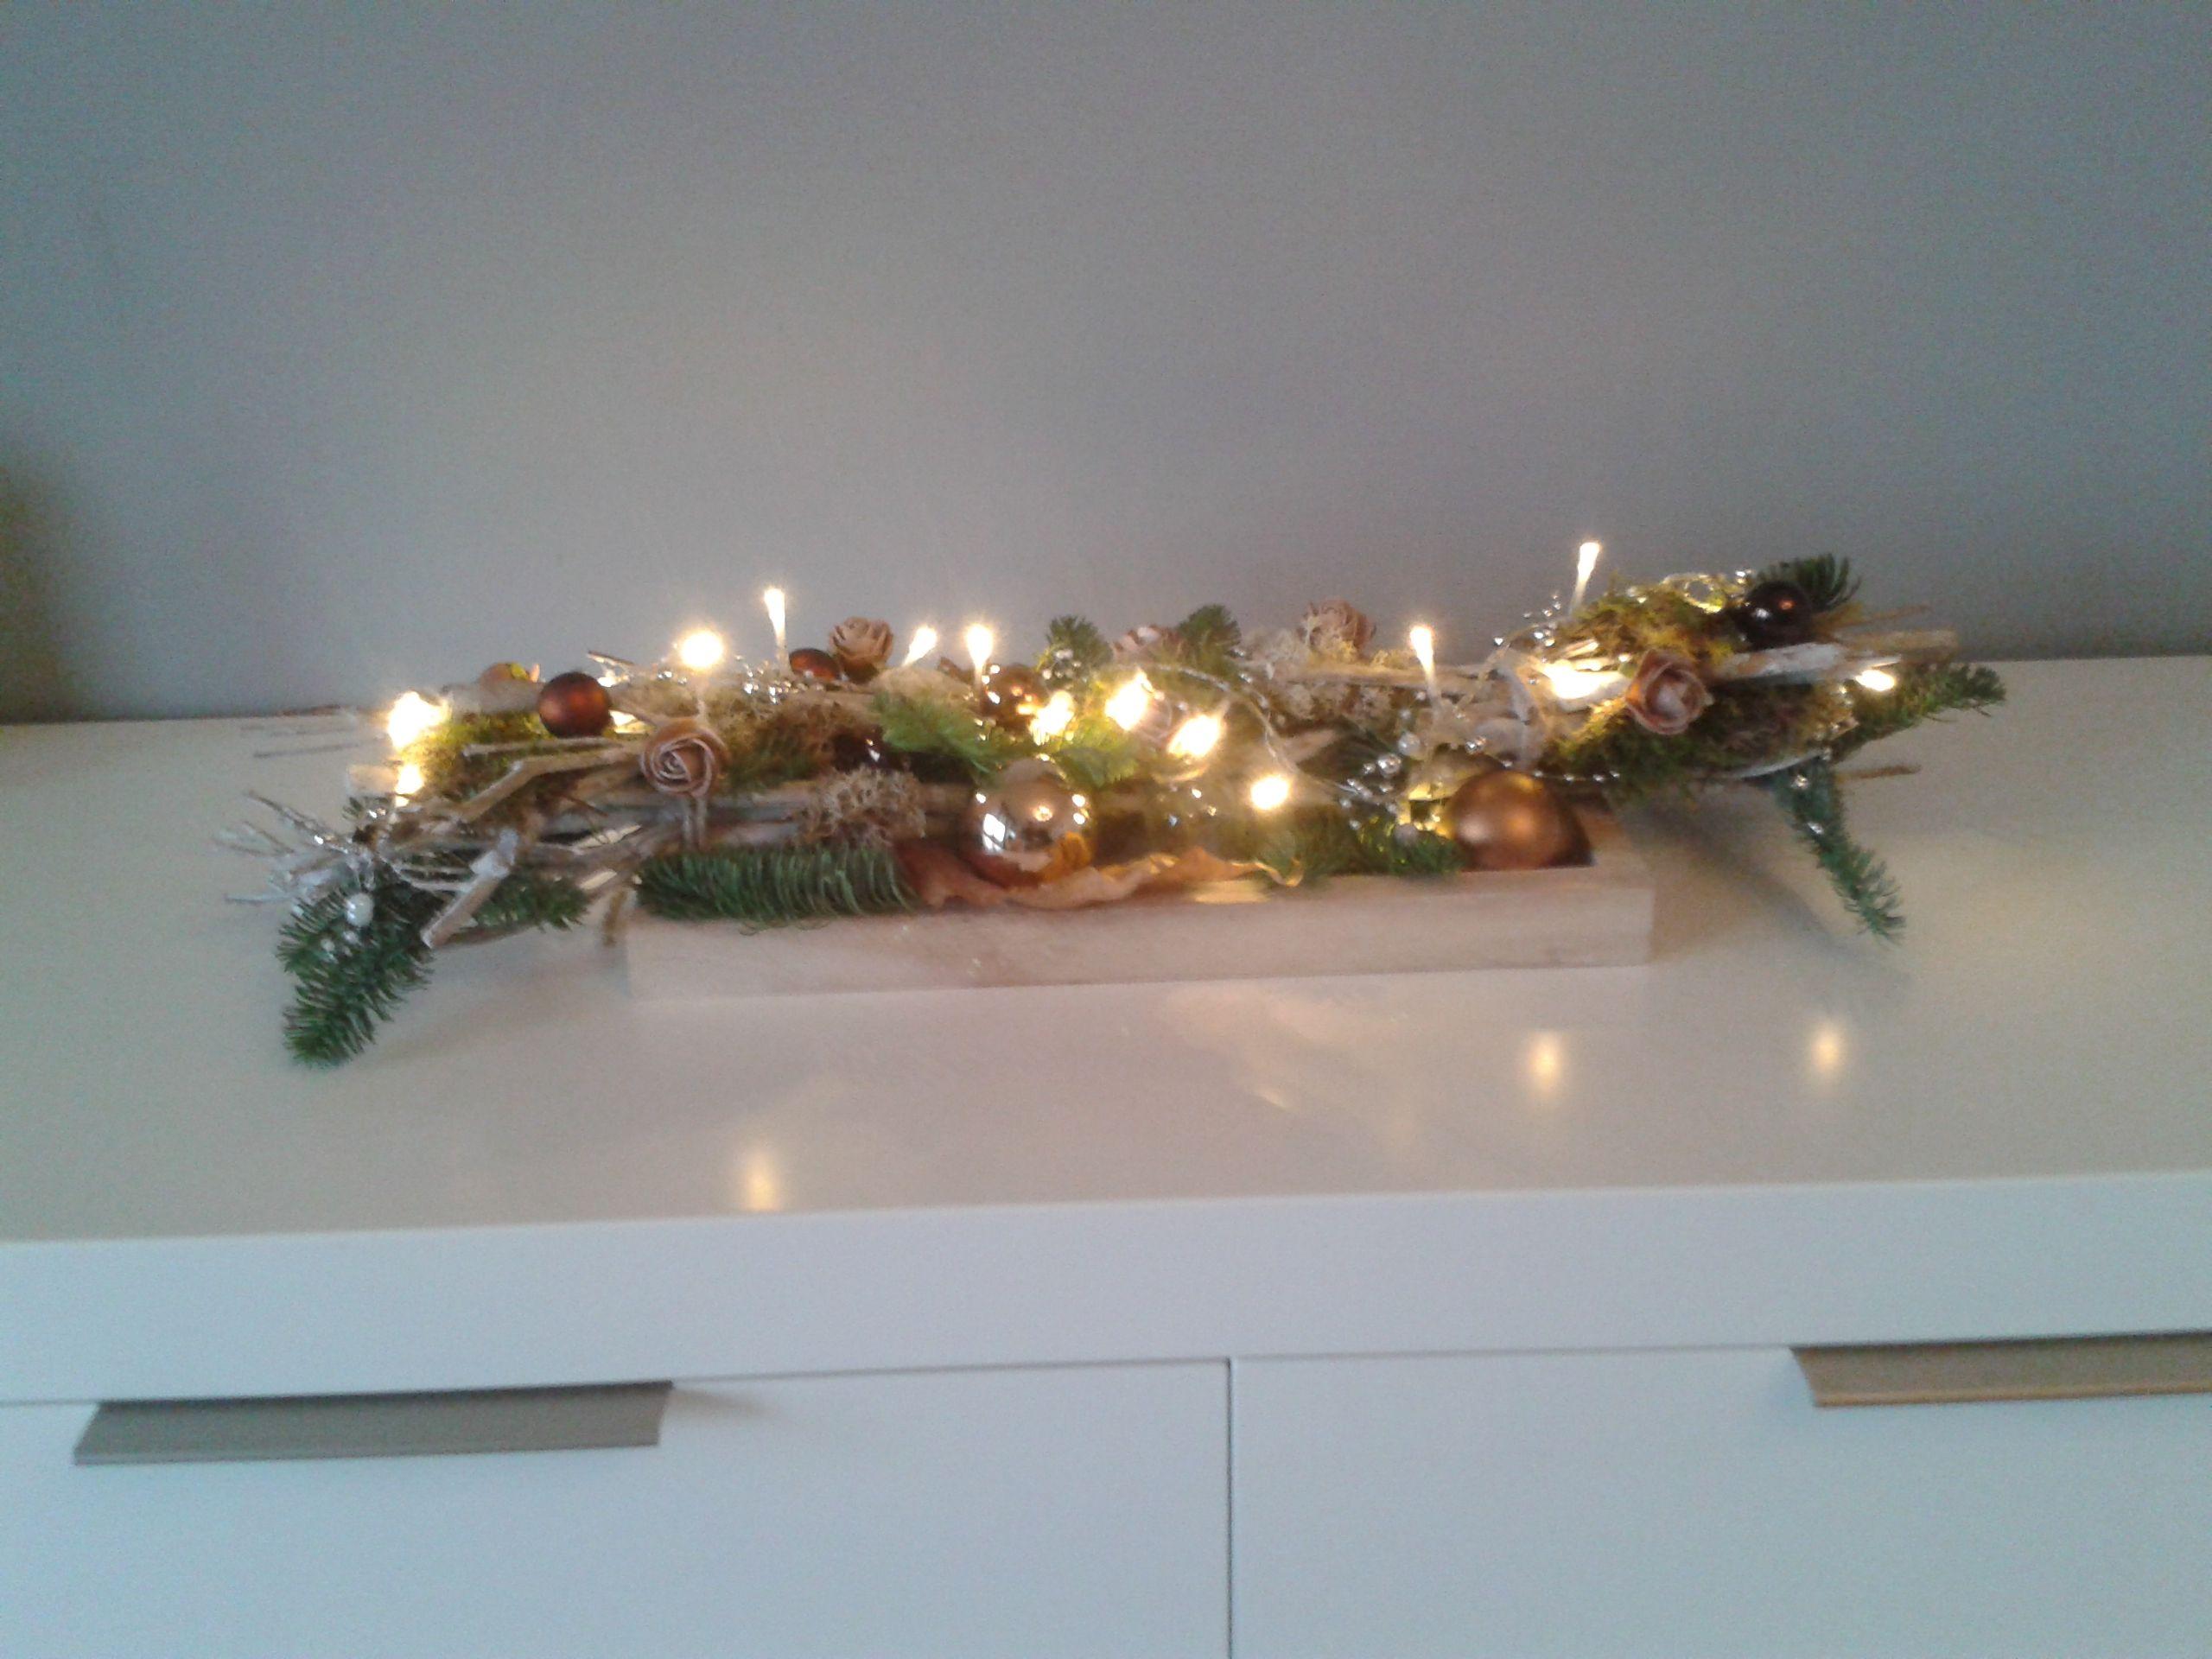 takkenbos met verlichting 2016 | FE Kerstbloemstukken | Pinterest ...